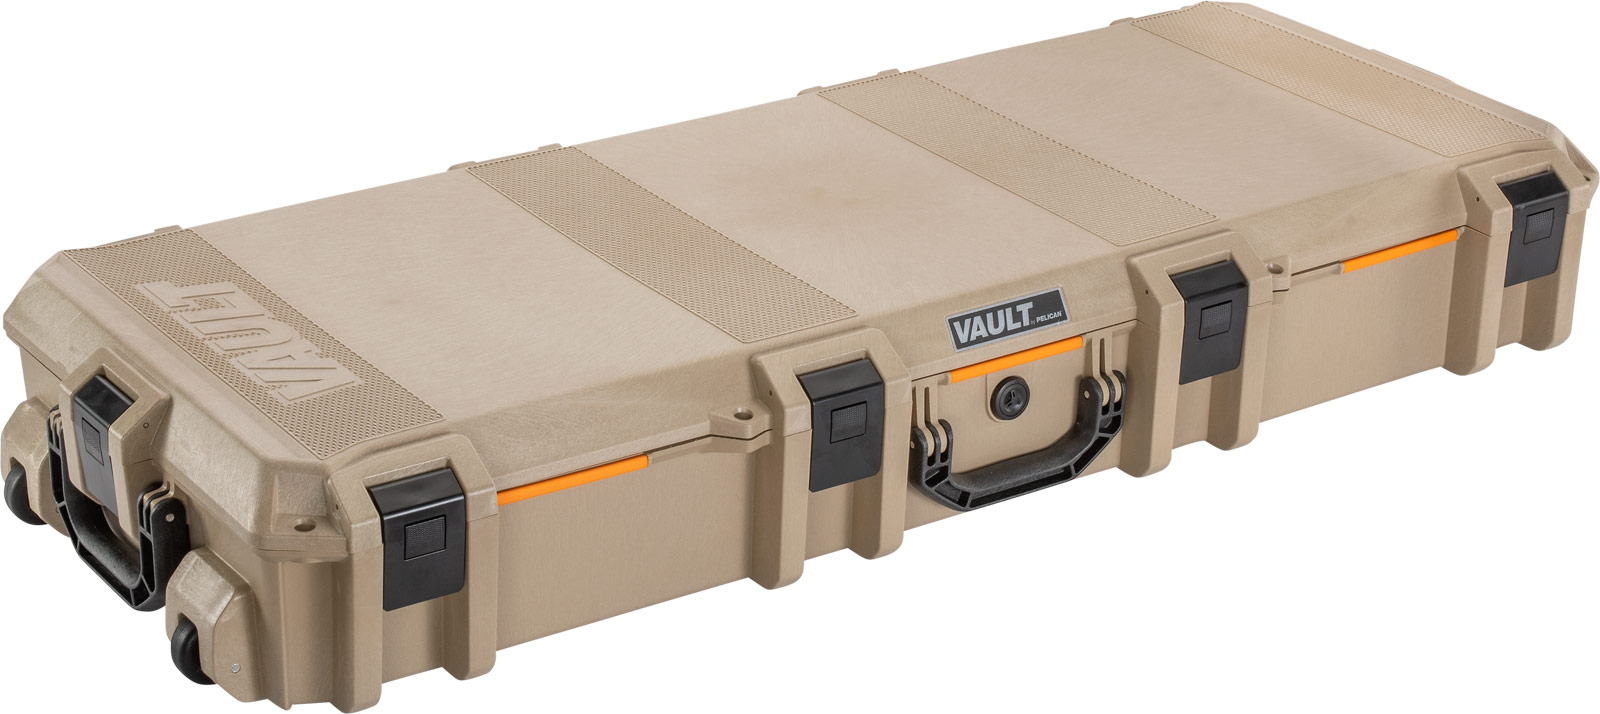 pelican vault v730 tan ar15 rifle case